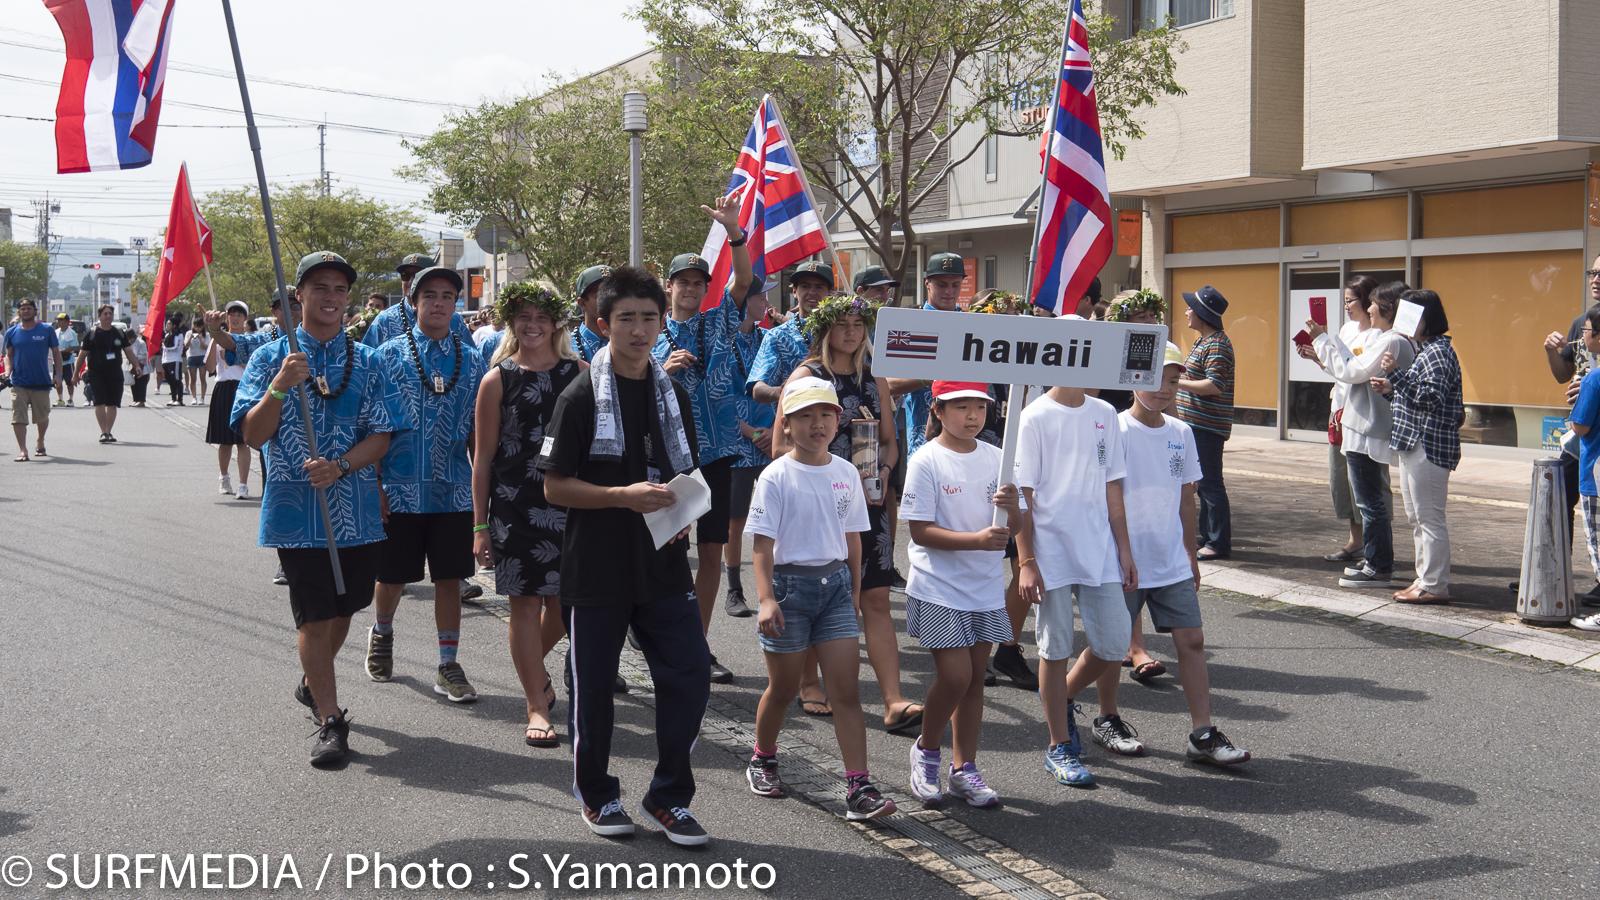 hawaii-1099724